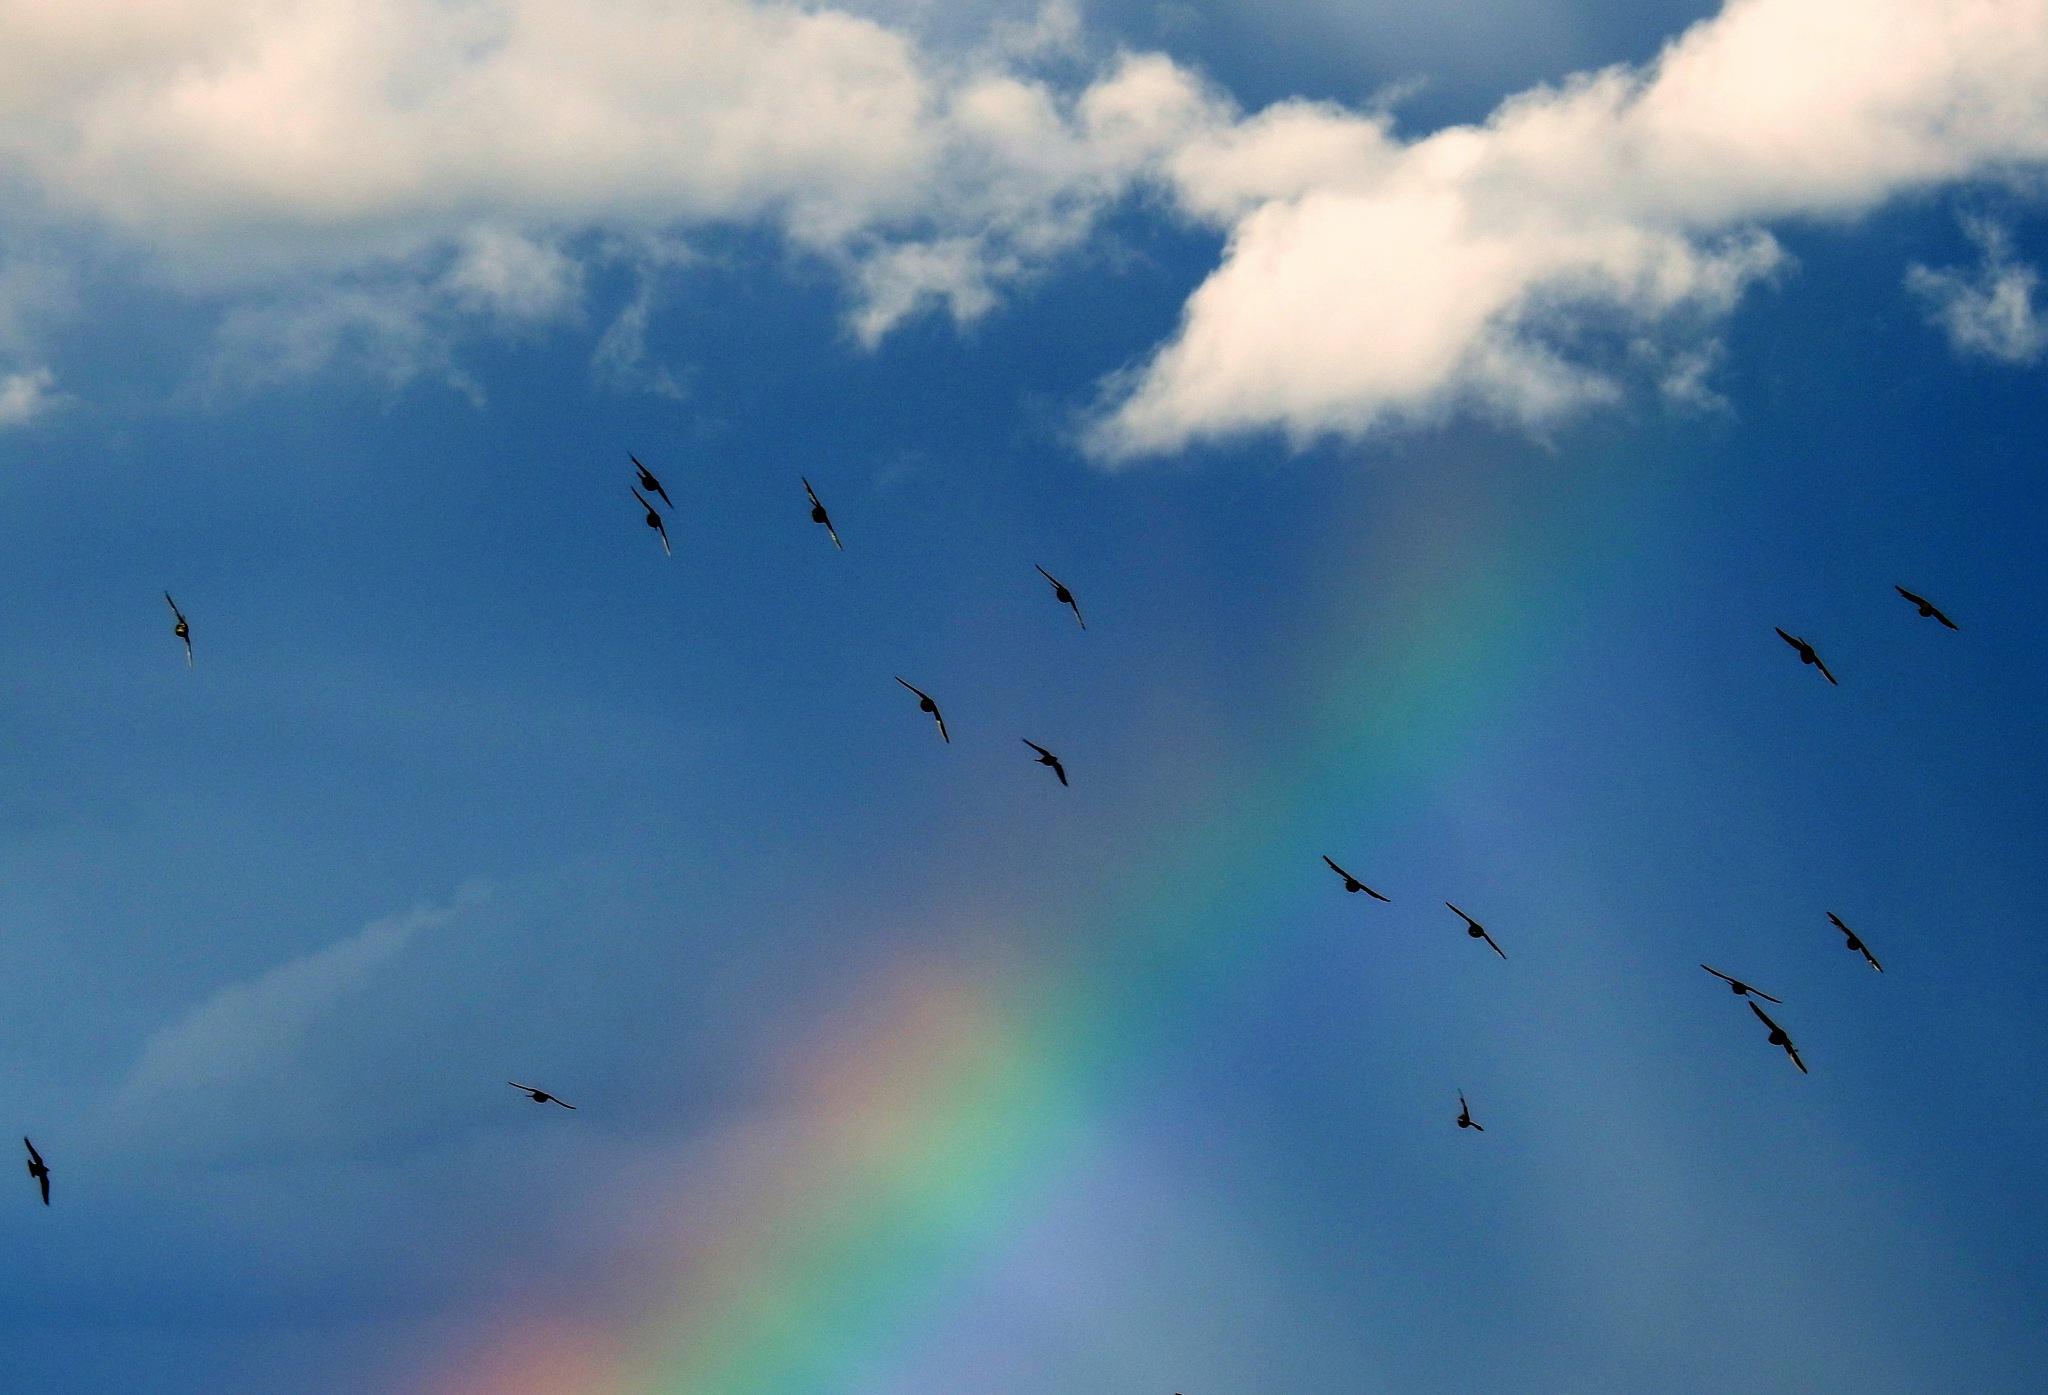 Over the rainbow by Sarah Fox